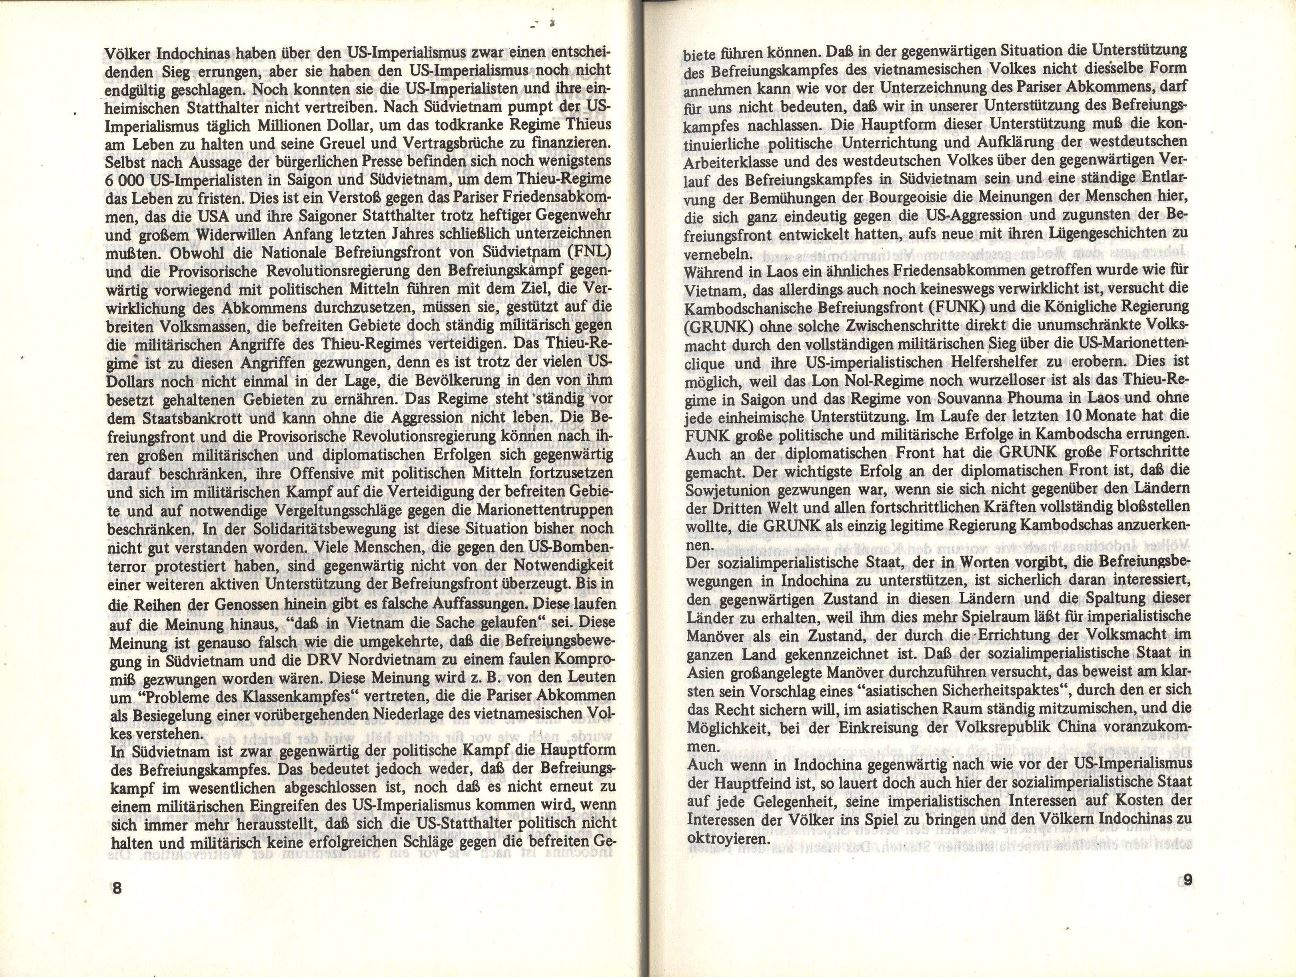 KBW_1974_Politischer_Bericht006